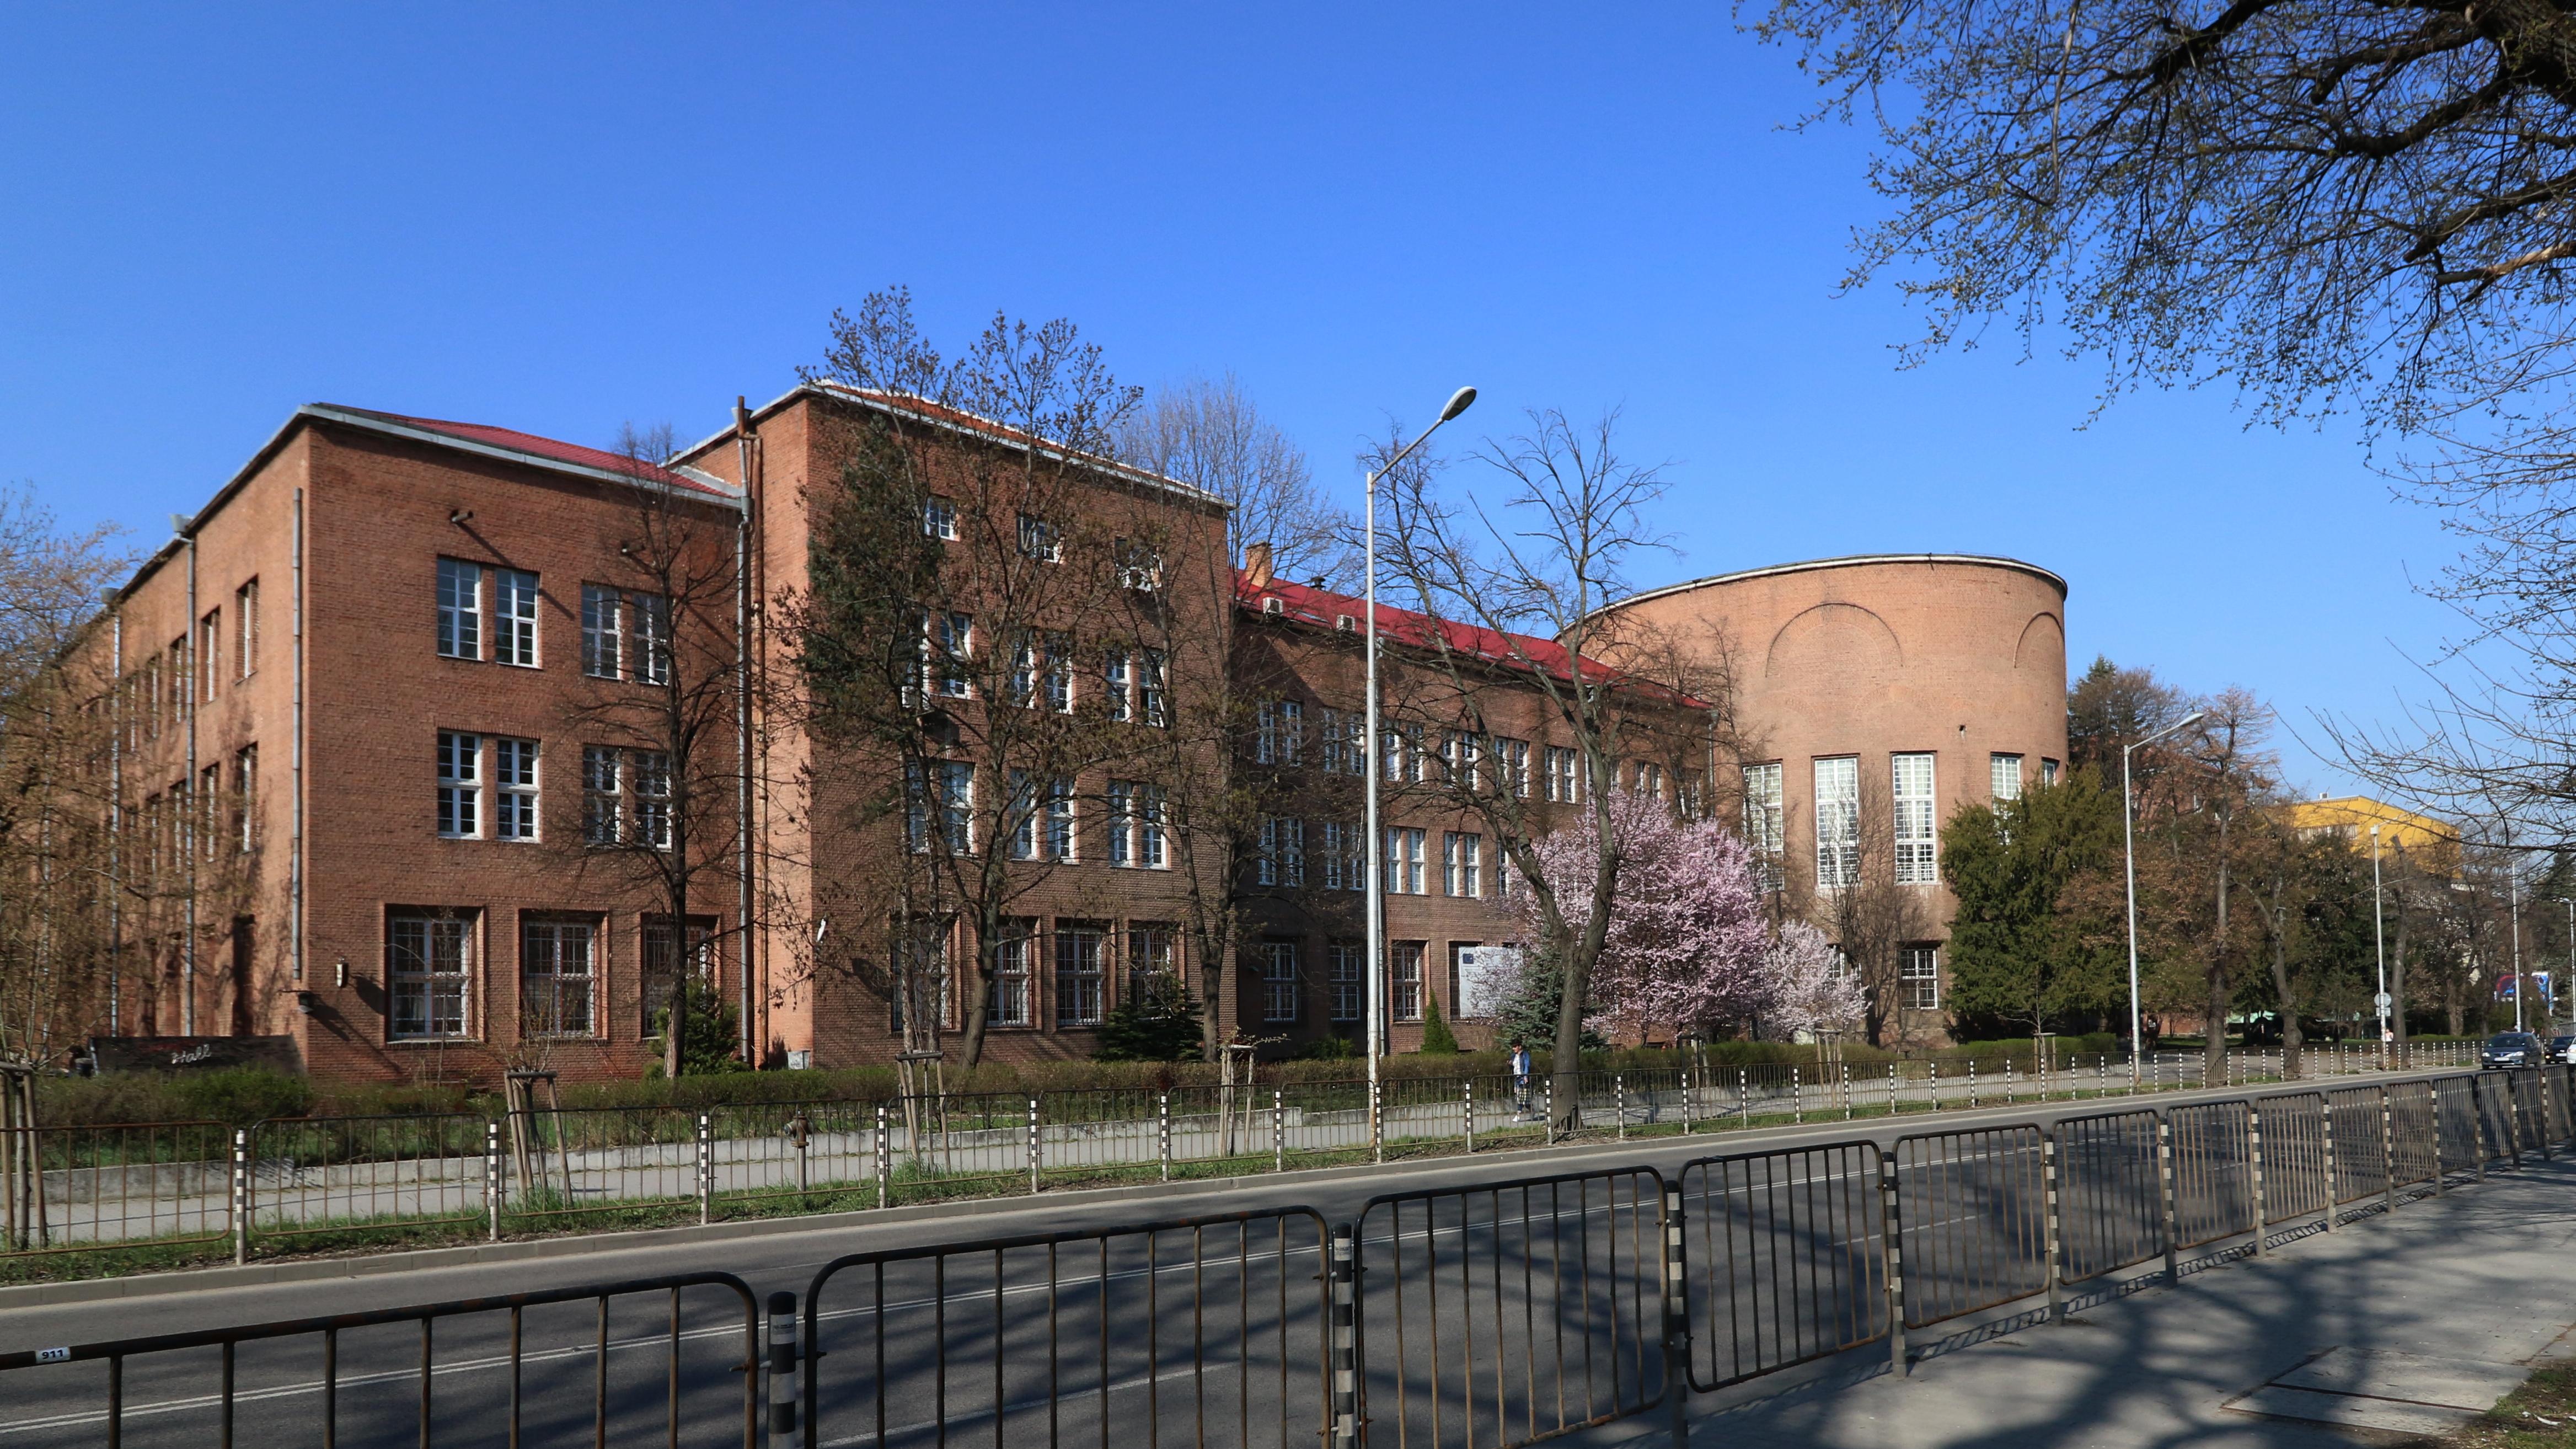 През 1928 г. е обявен конкурс за сграда на Агрономическия факултет на СУ (Биологически). Не е присъдена първа награда, а на второ място е класиран немския проф. Херман Бухер. Той възлага изпълнението на арх. Георги Овчаров. През следващите години Георги Овчаров изгражда редица сгради в цялата страна. През 1949 г. успява за кратки срокове да проектира Мавзолея на Георги Димитров[1], заедно с Рачо Рибаров и Иван Данчов.През 1928 г. е обявен конкурс за сграда на Агрономическия факултет на СУ. Не е присъдена първа награда, а на второ място е класиран немския проф. Херман Бухер. Той възлага изпълнението на арх. Георги Овчаров. През следващите години Георги Овчаров изгражда редица сгради в цялата страна. През 1949 г. успява за кратки срокове да проектира Мавзолея на Георги Димитров, заедно с Рачо Рибаров и Иван Данчов.